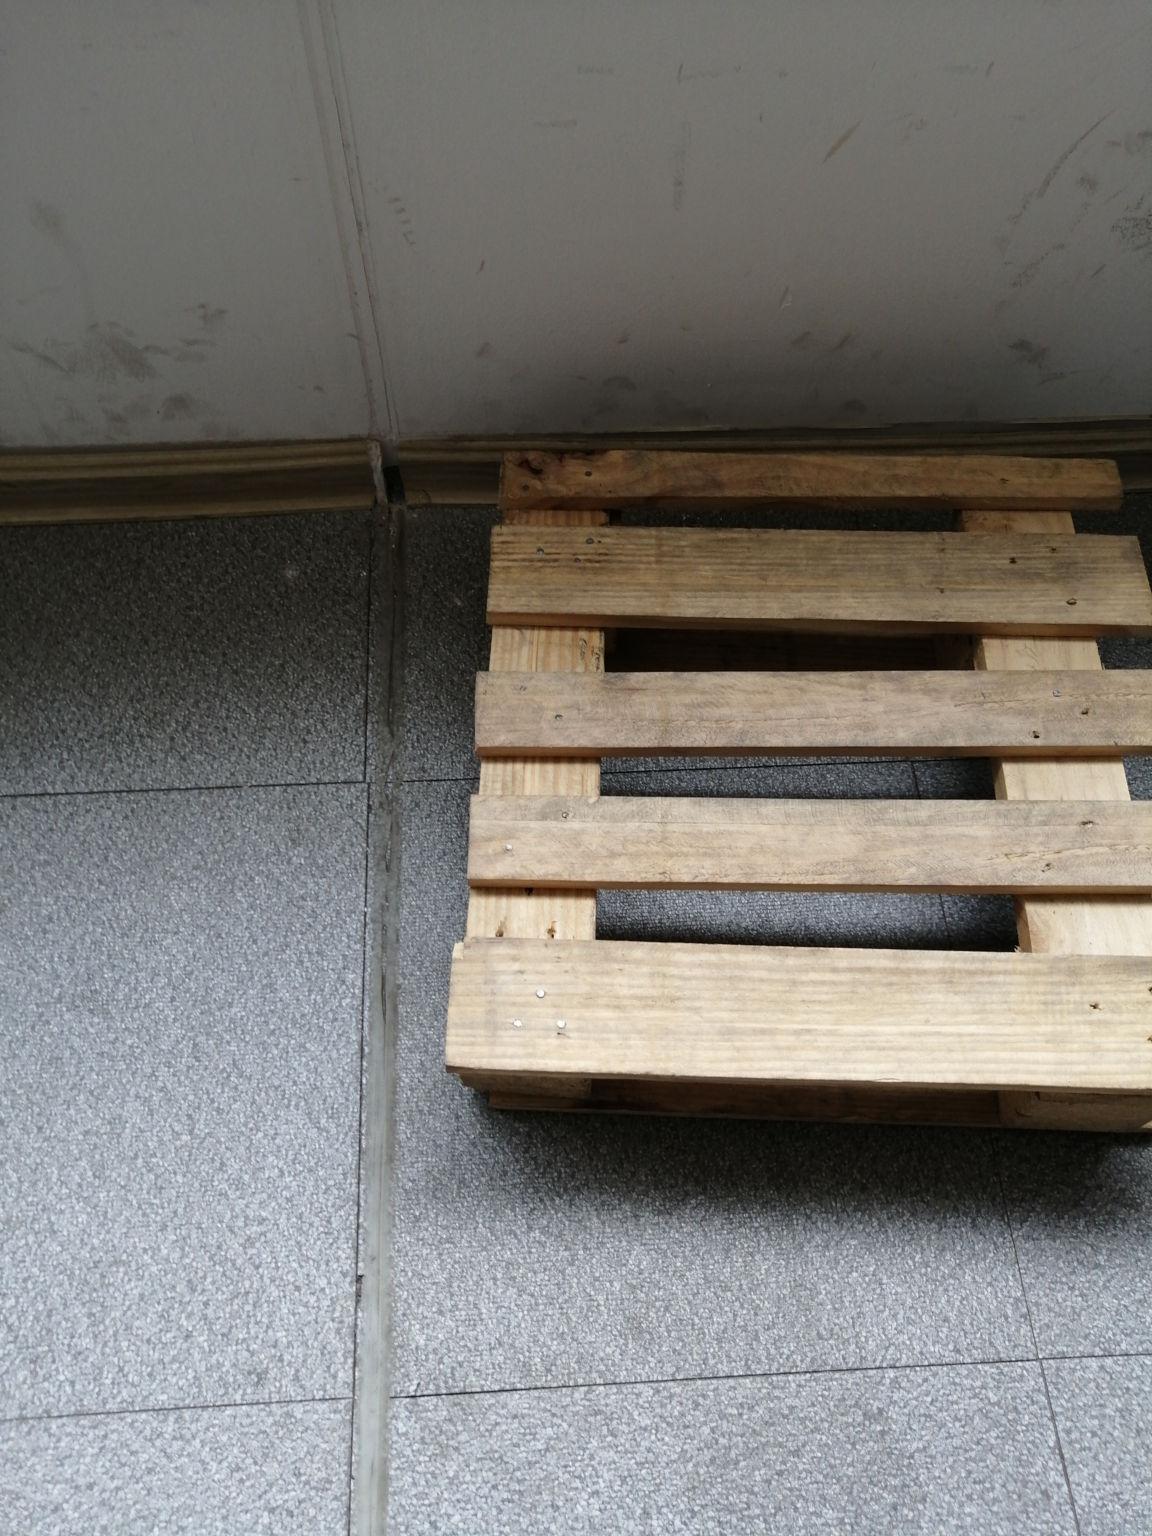 三门峡市 ??,⇓ ⇛♛↛手木托盘 塑料托盘 ?,〔㏳?装箱 批发销售